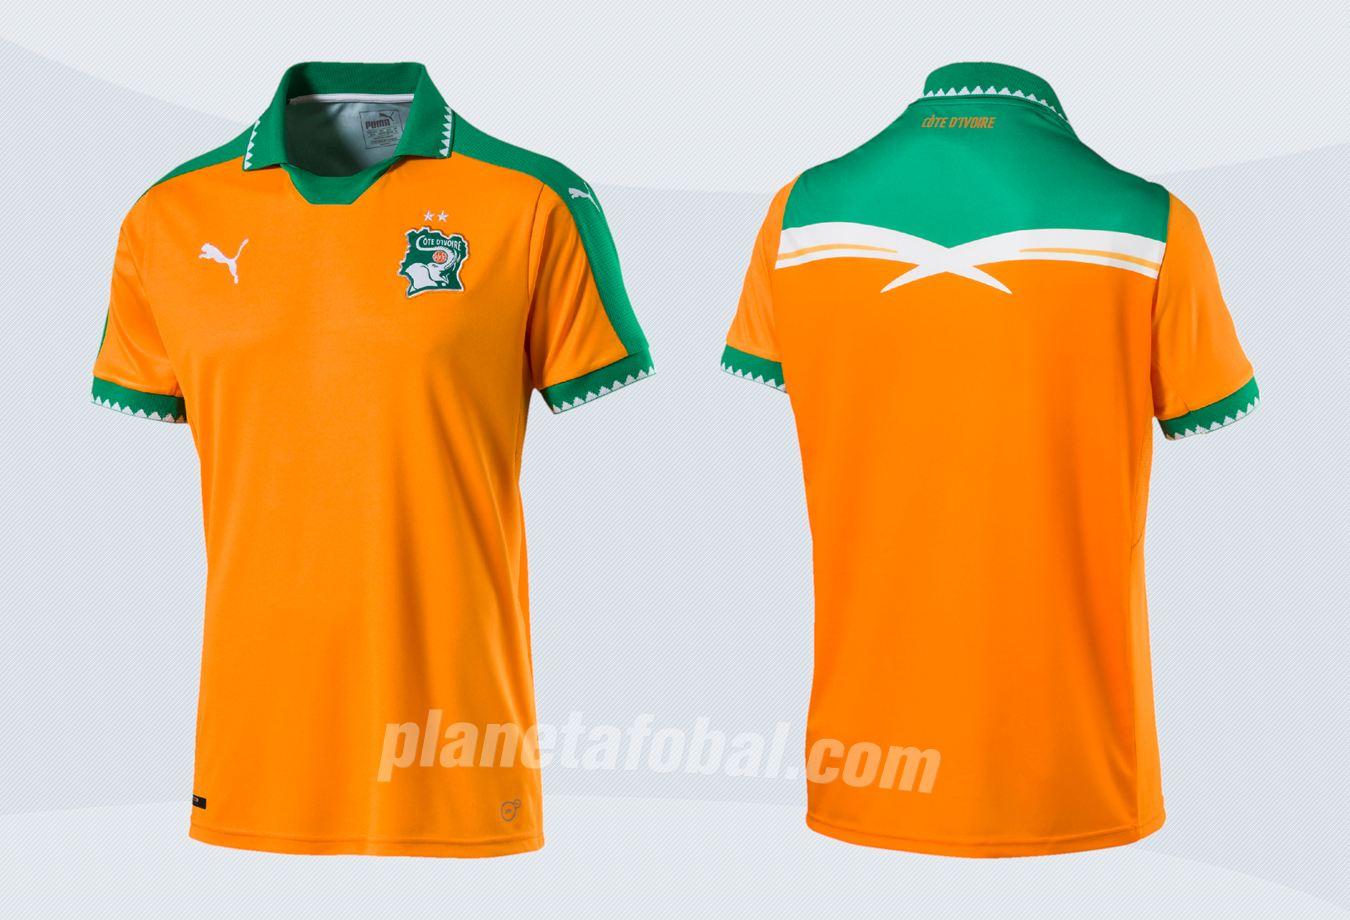 Nueva camiseta de Costa de Marfil | Imágenes Puma